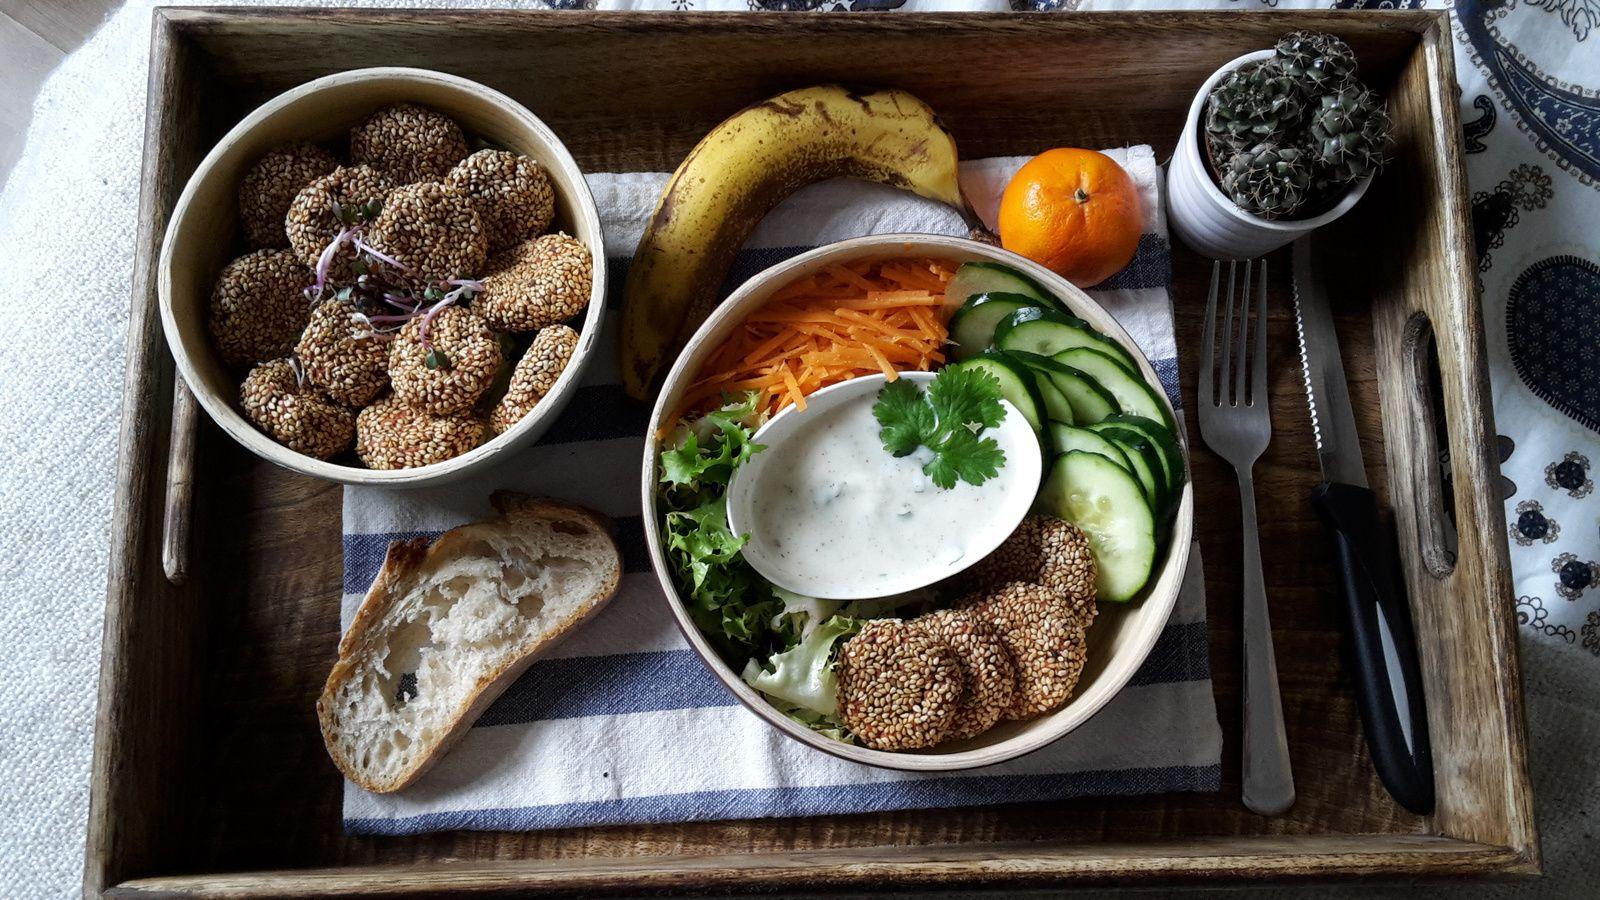 Buddha Bowl : Falafels de betteraves et salade de crudité, avec une sauce au yaourt-sésame